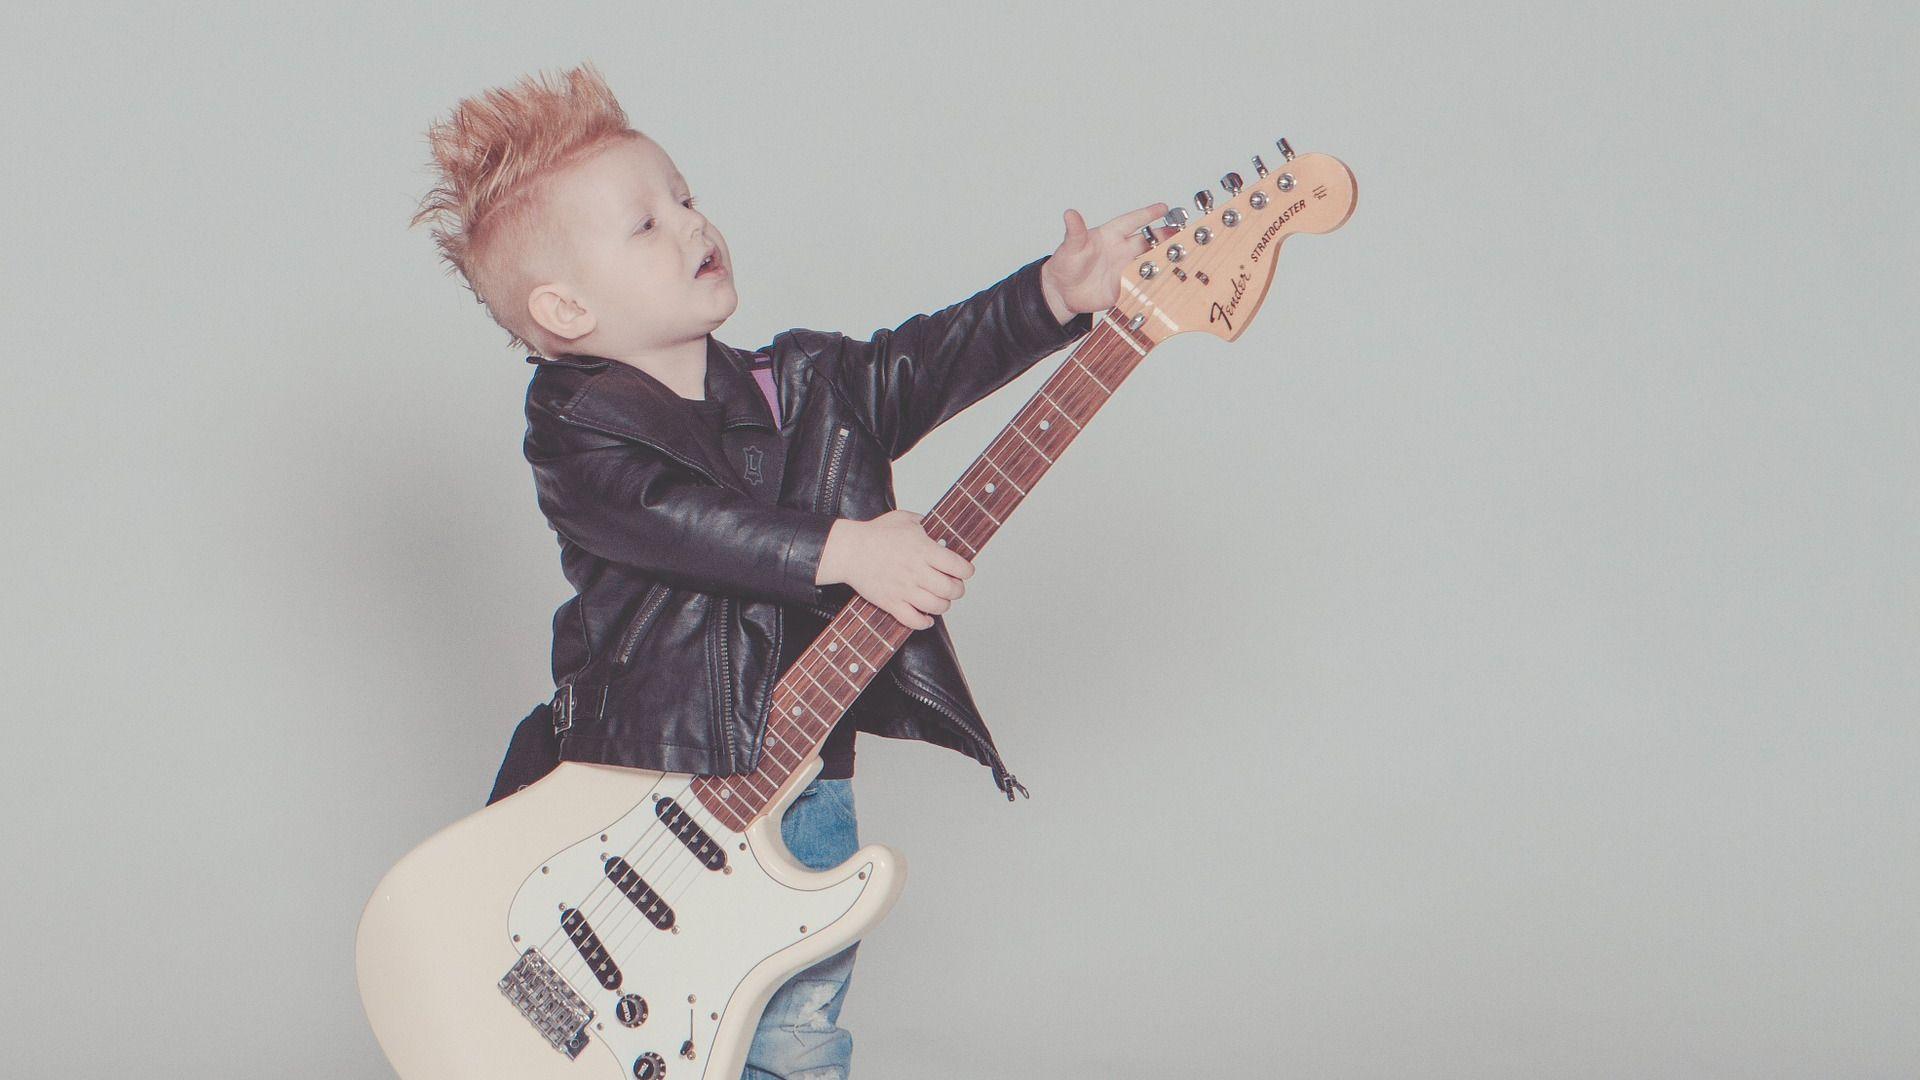 Bebê roqueiro: gênero ainda resiste entre os mais jovens, embora não tenha mais a mesma popularidade de antes entre esse público